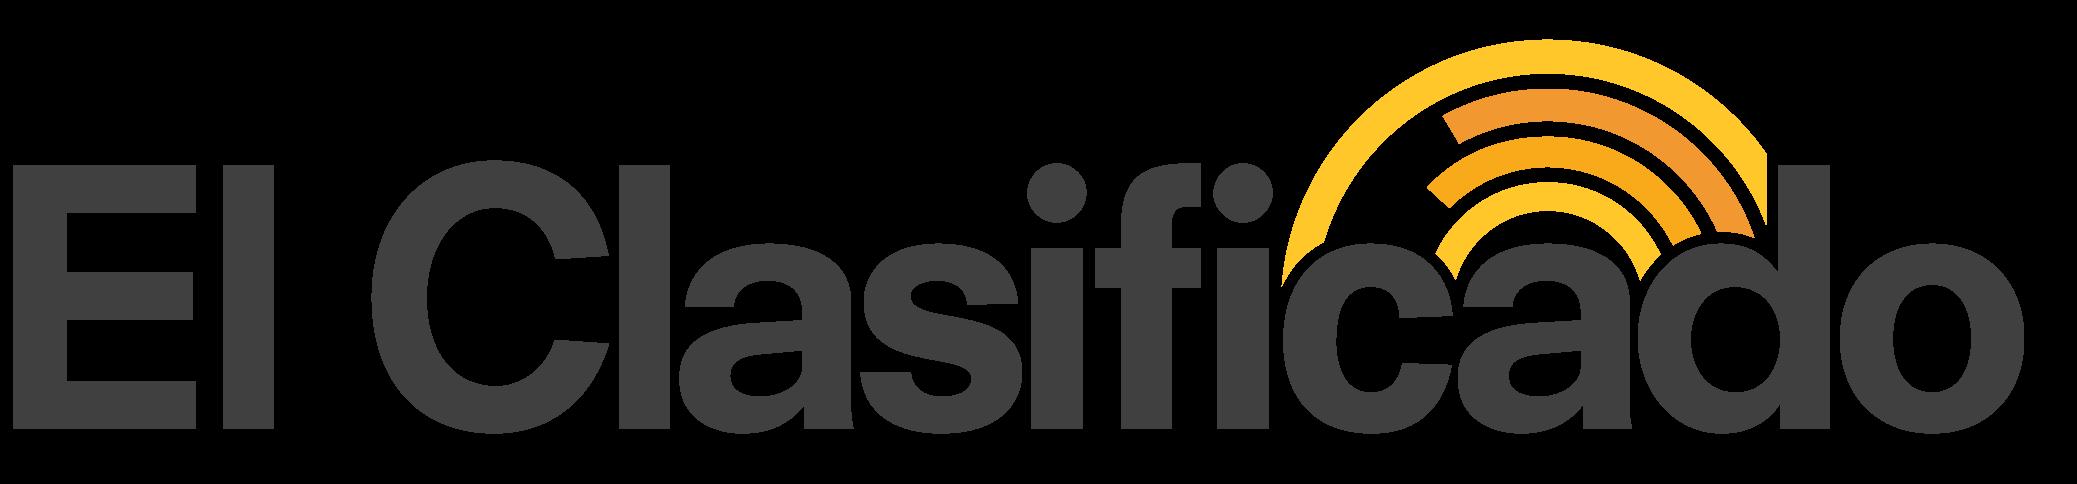 El-Clasificado-new-logo-black-lettering